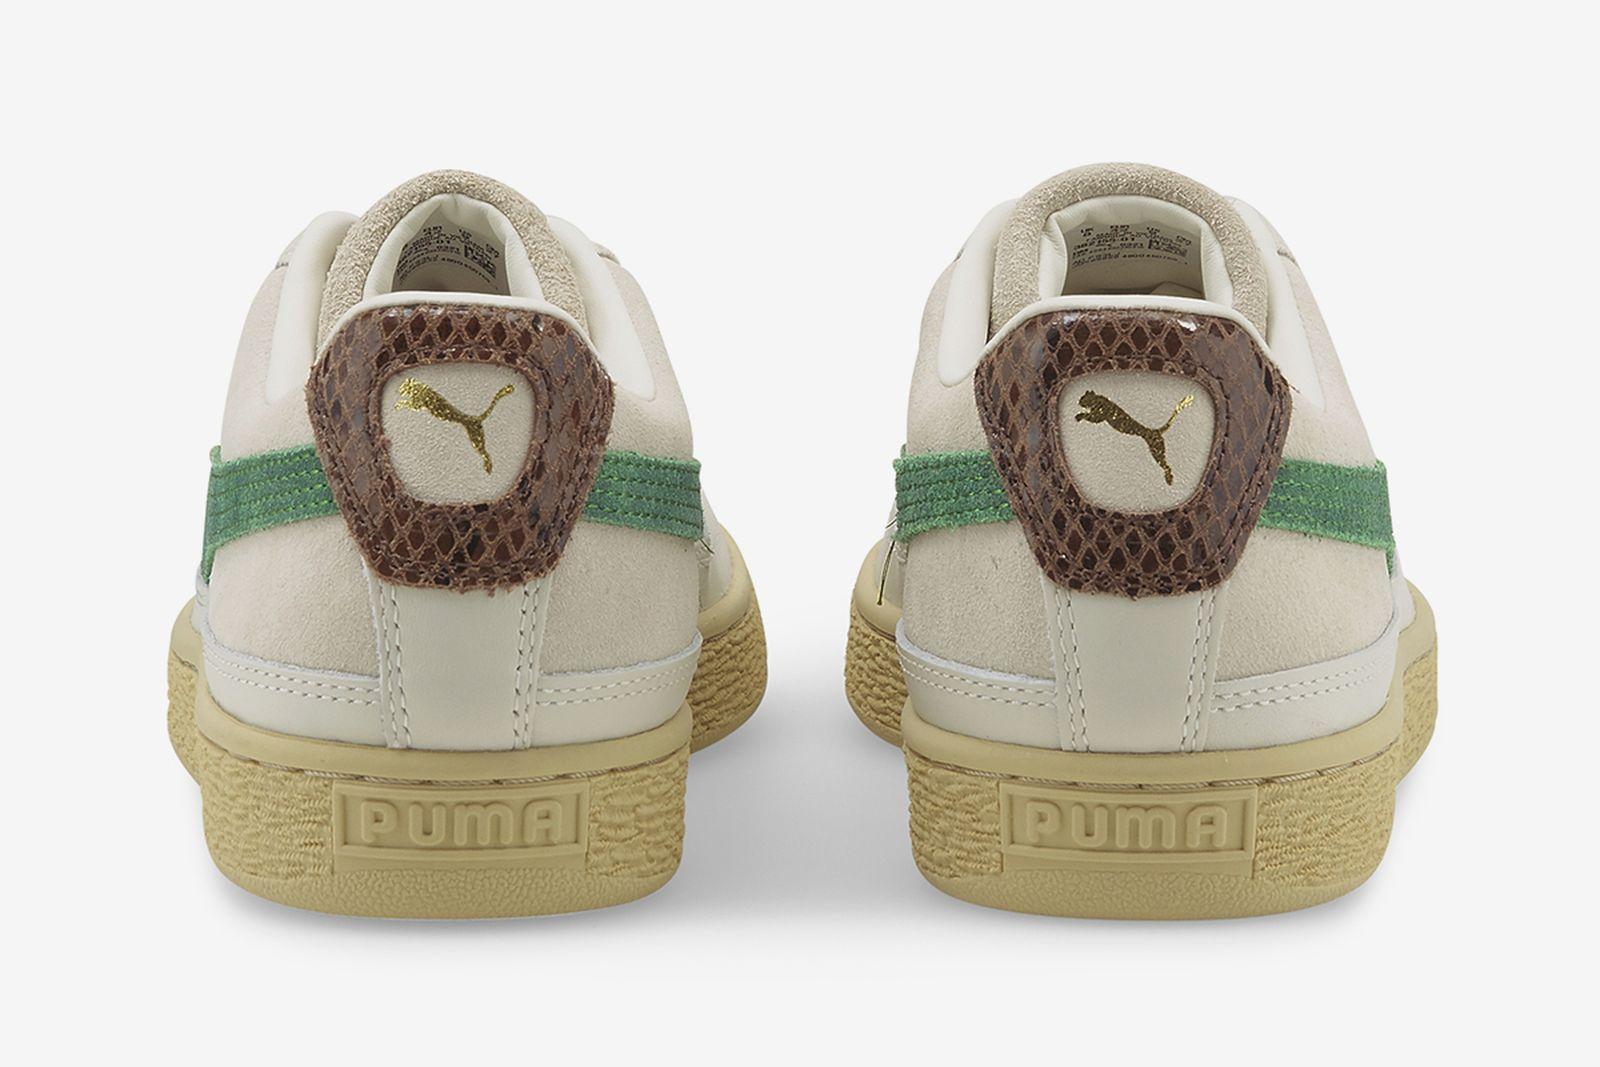 rhuigi-puma-suede-release-date-price-03